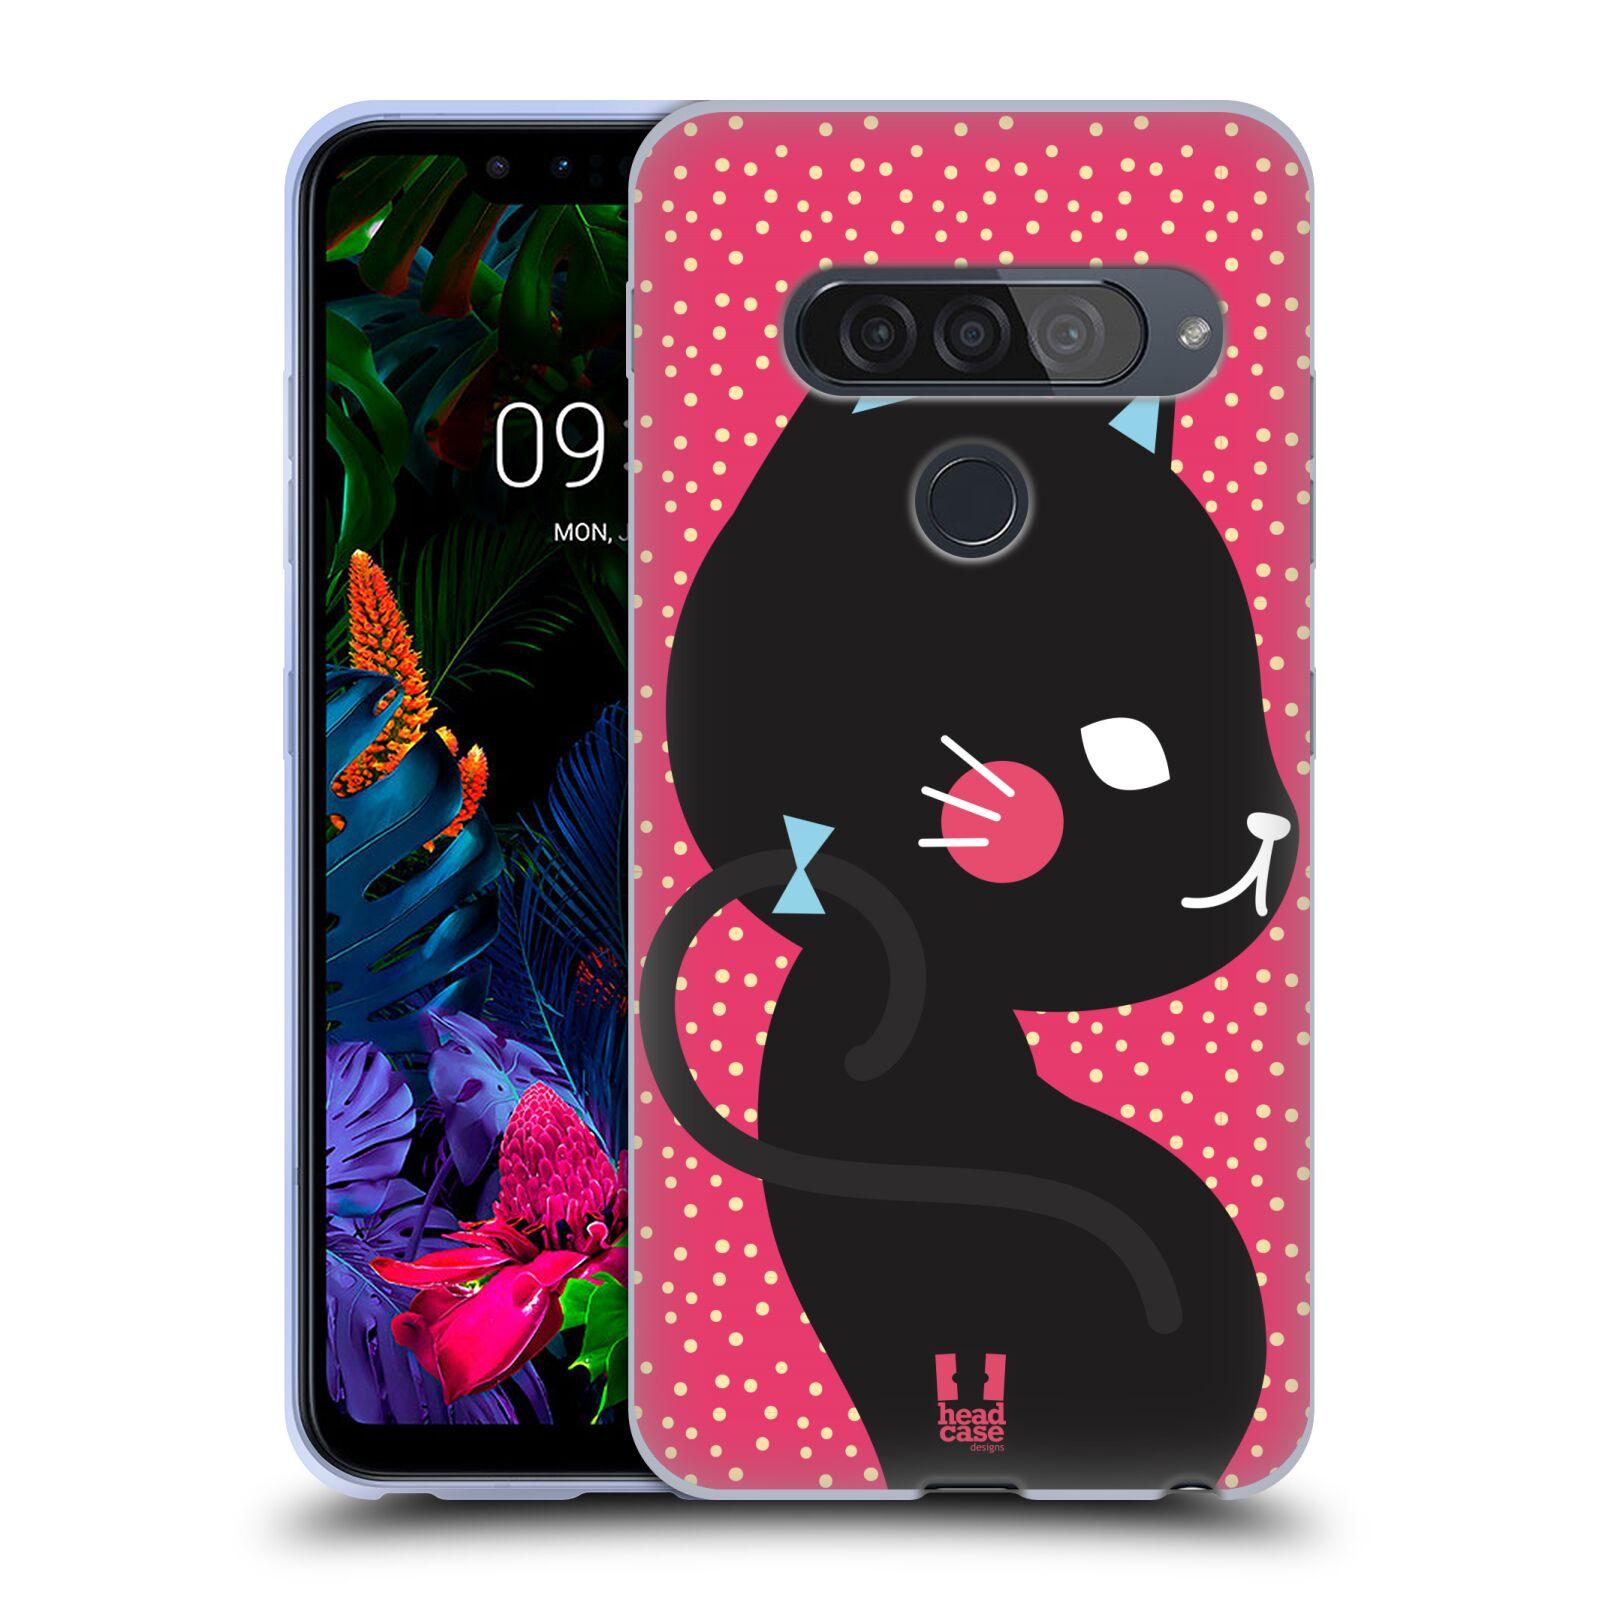 Silikonové pouzdro na mobil LG G8s ThinQ - Head Case - KOČIČKA Černá NA RŮŽOVÉ